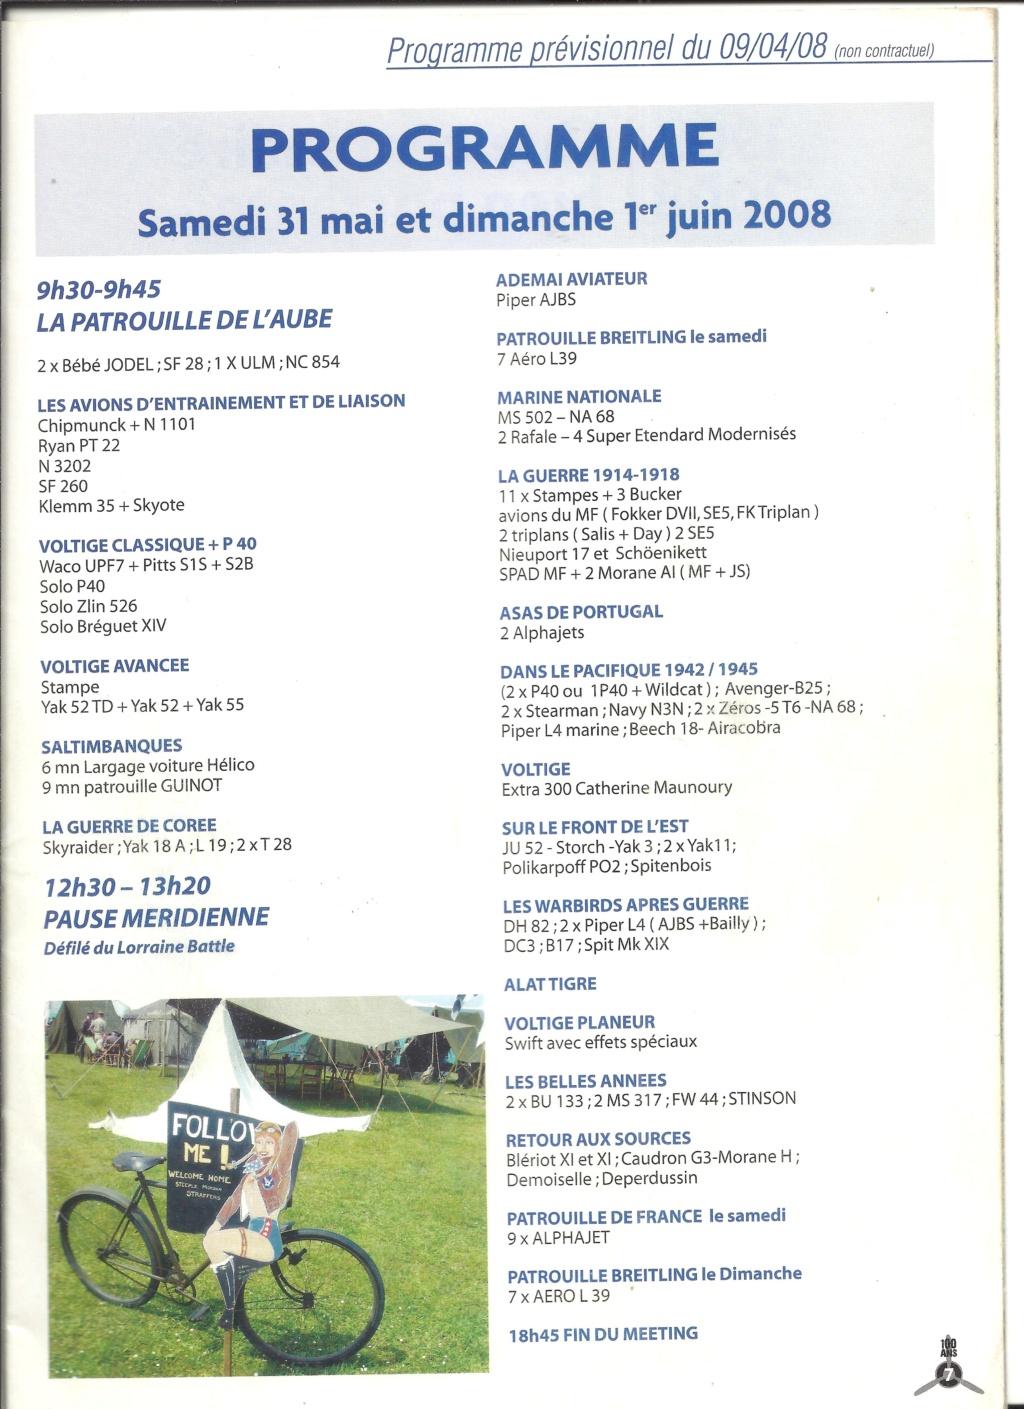 les achats de Jacques - Page 33 Progra10